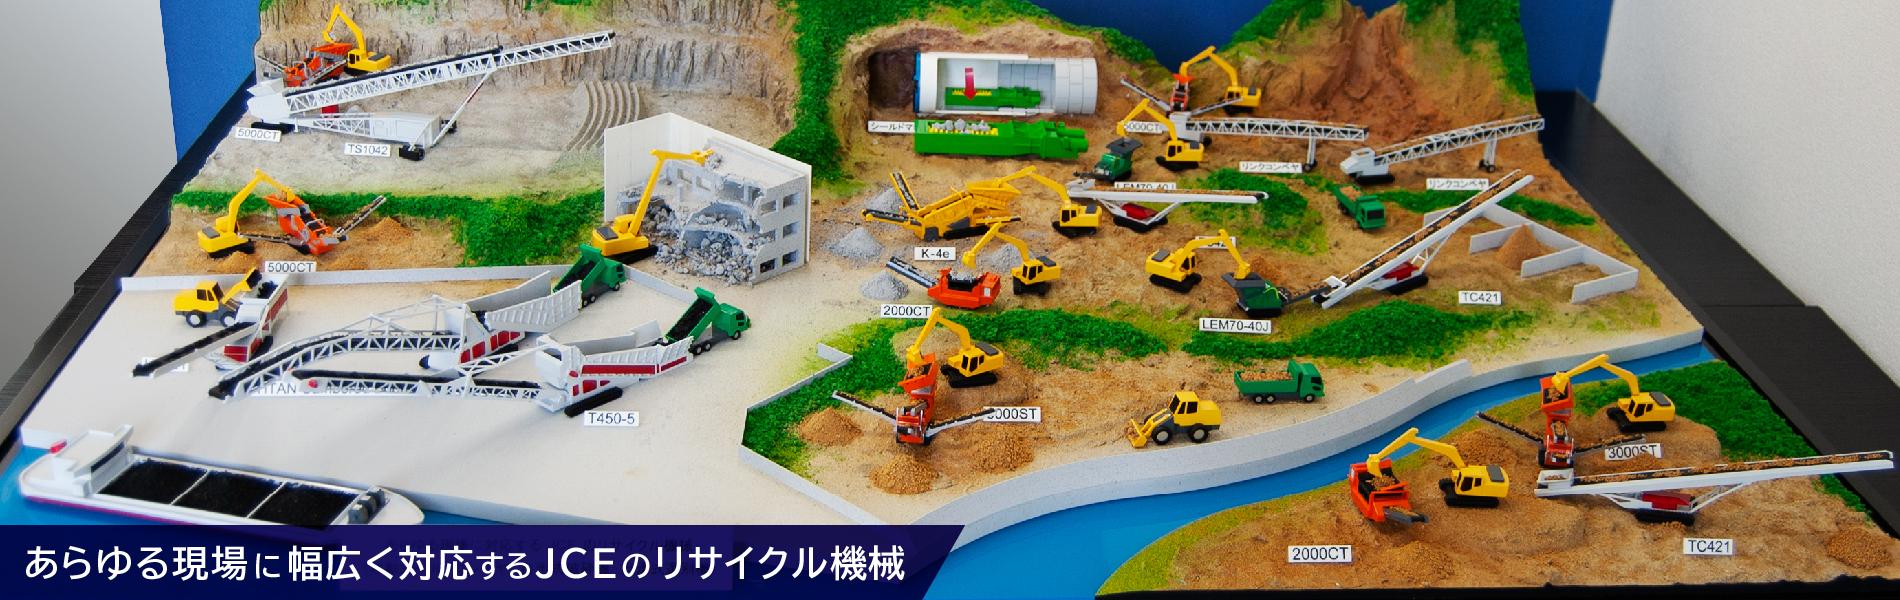 JCEのリサイクル機械画像